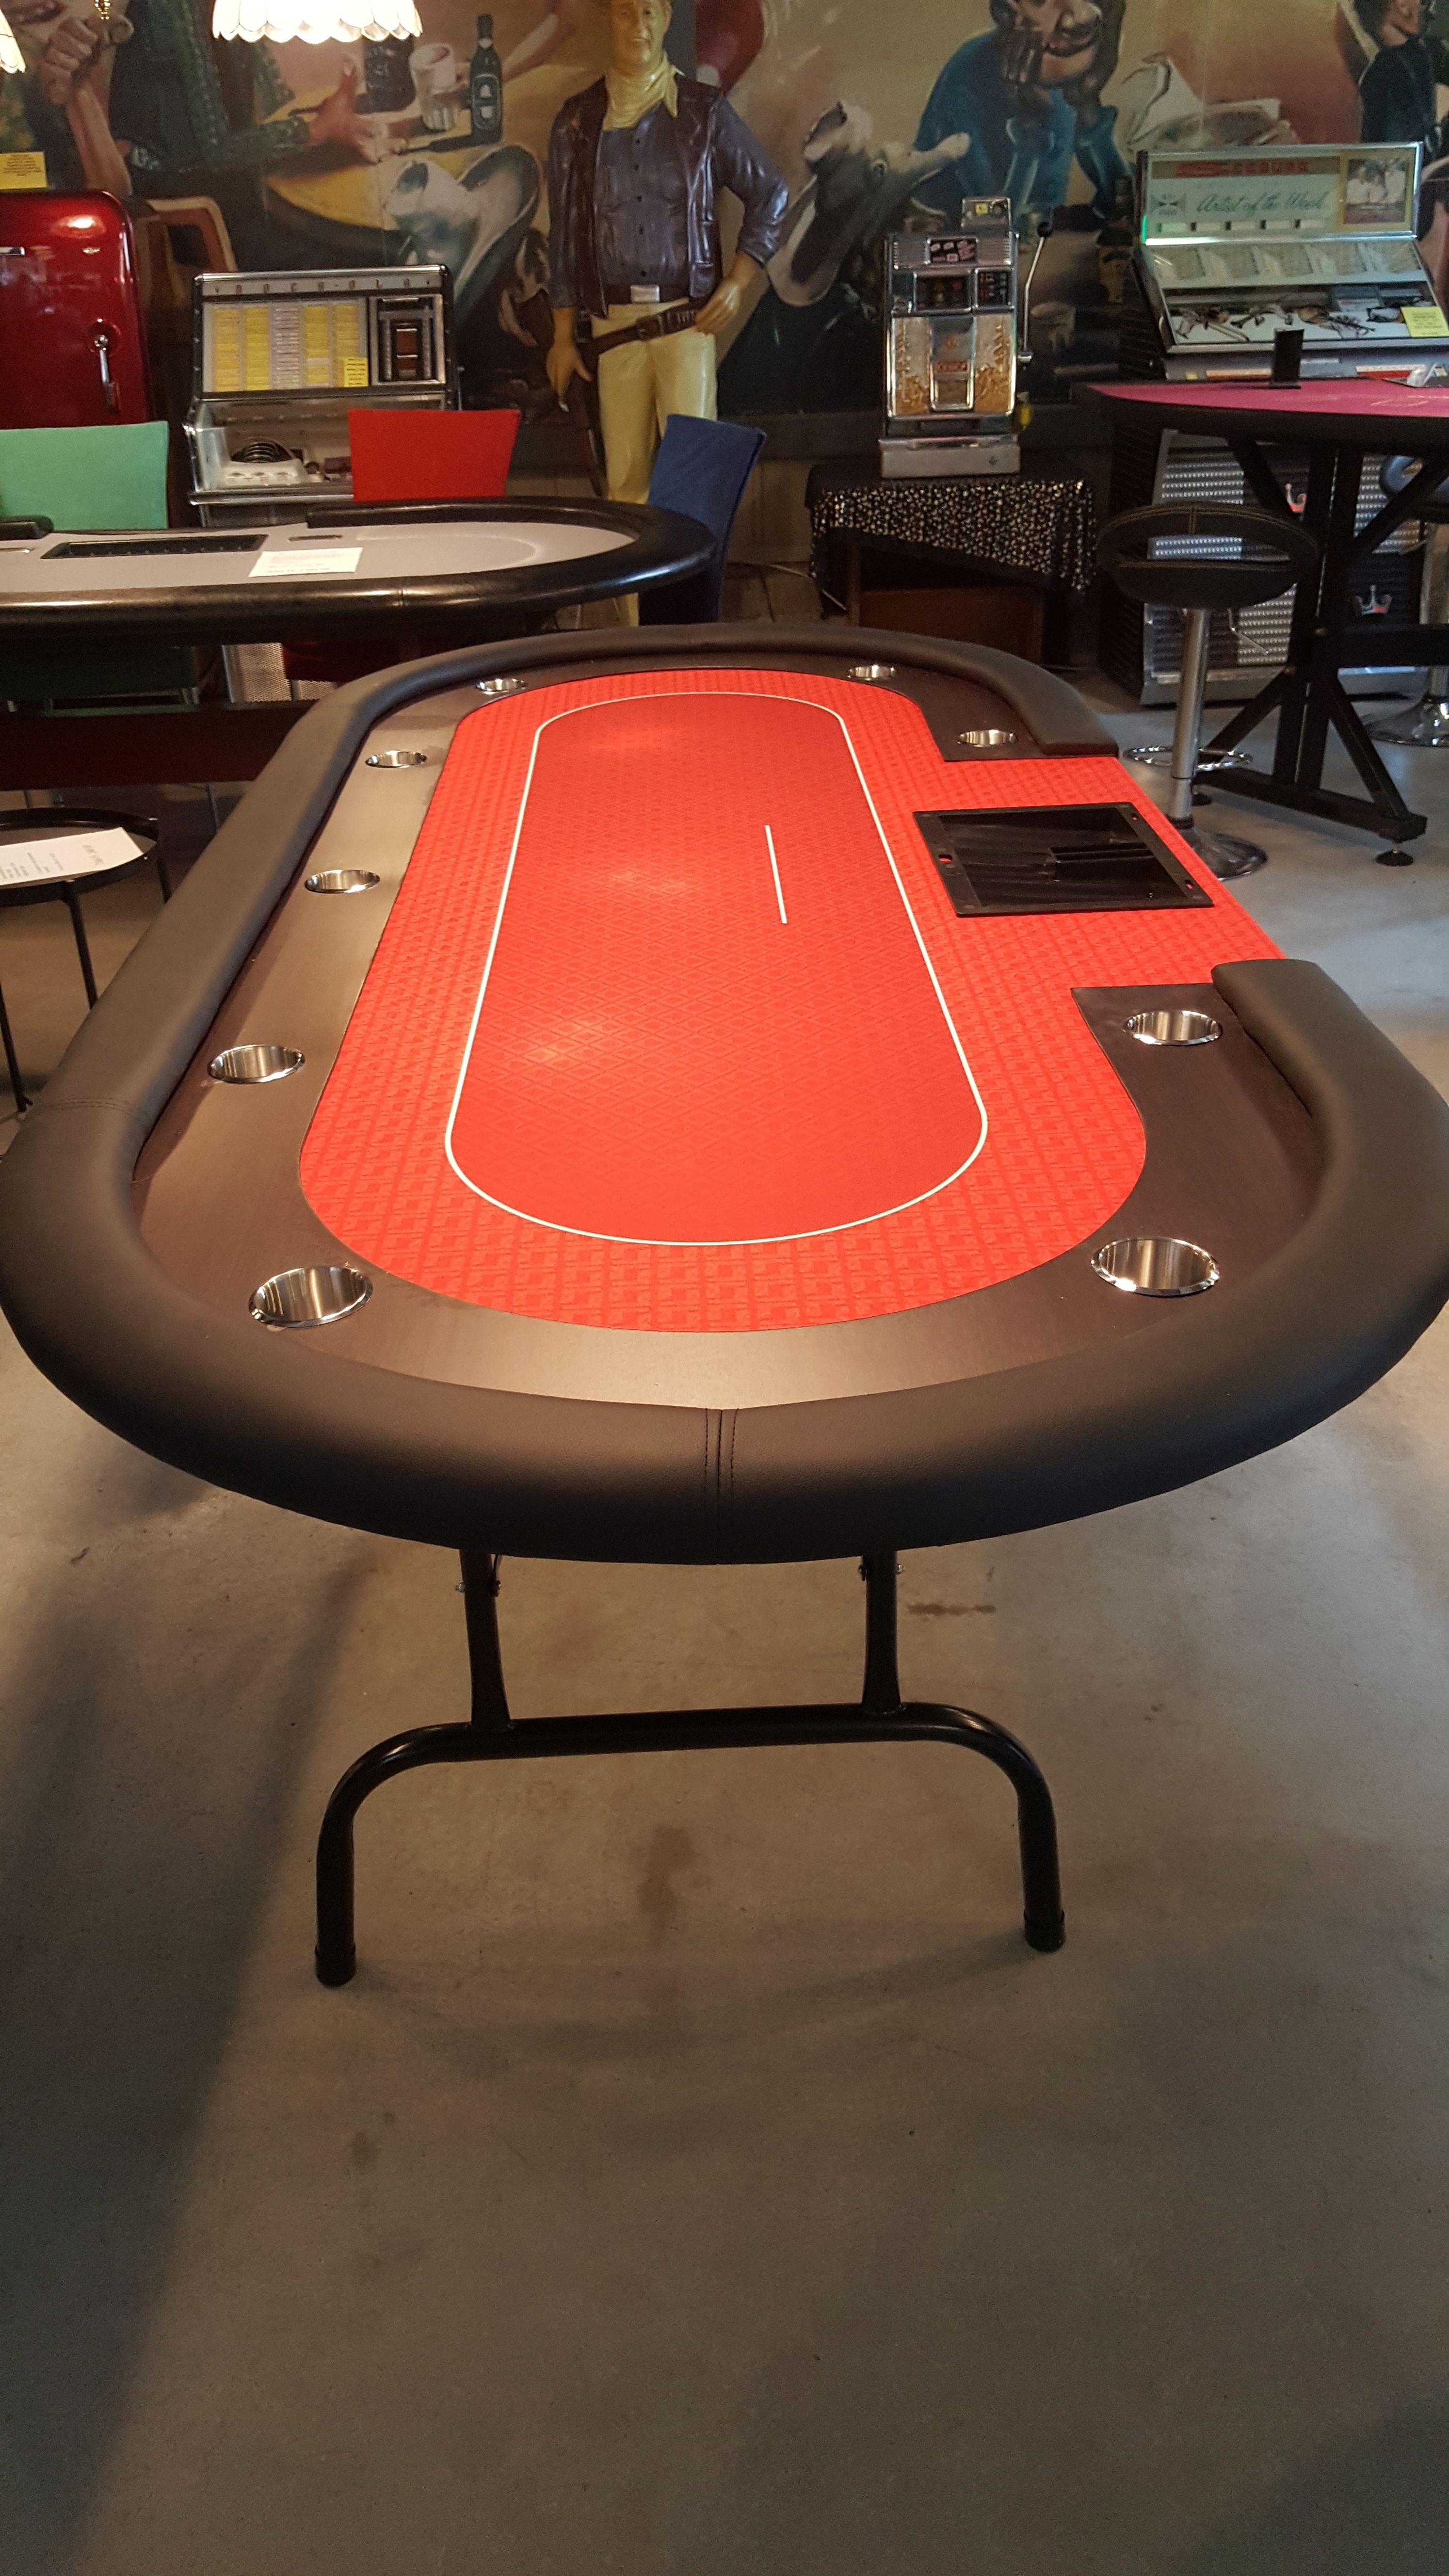 Pokertisch mit Klappbeinen